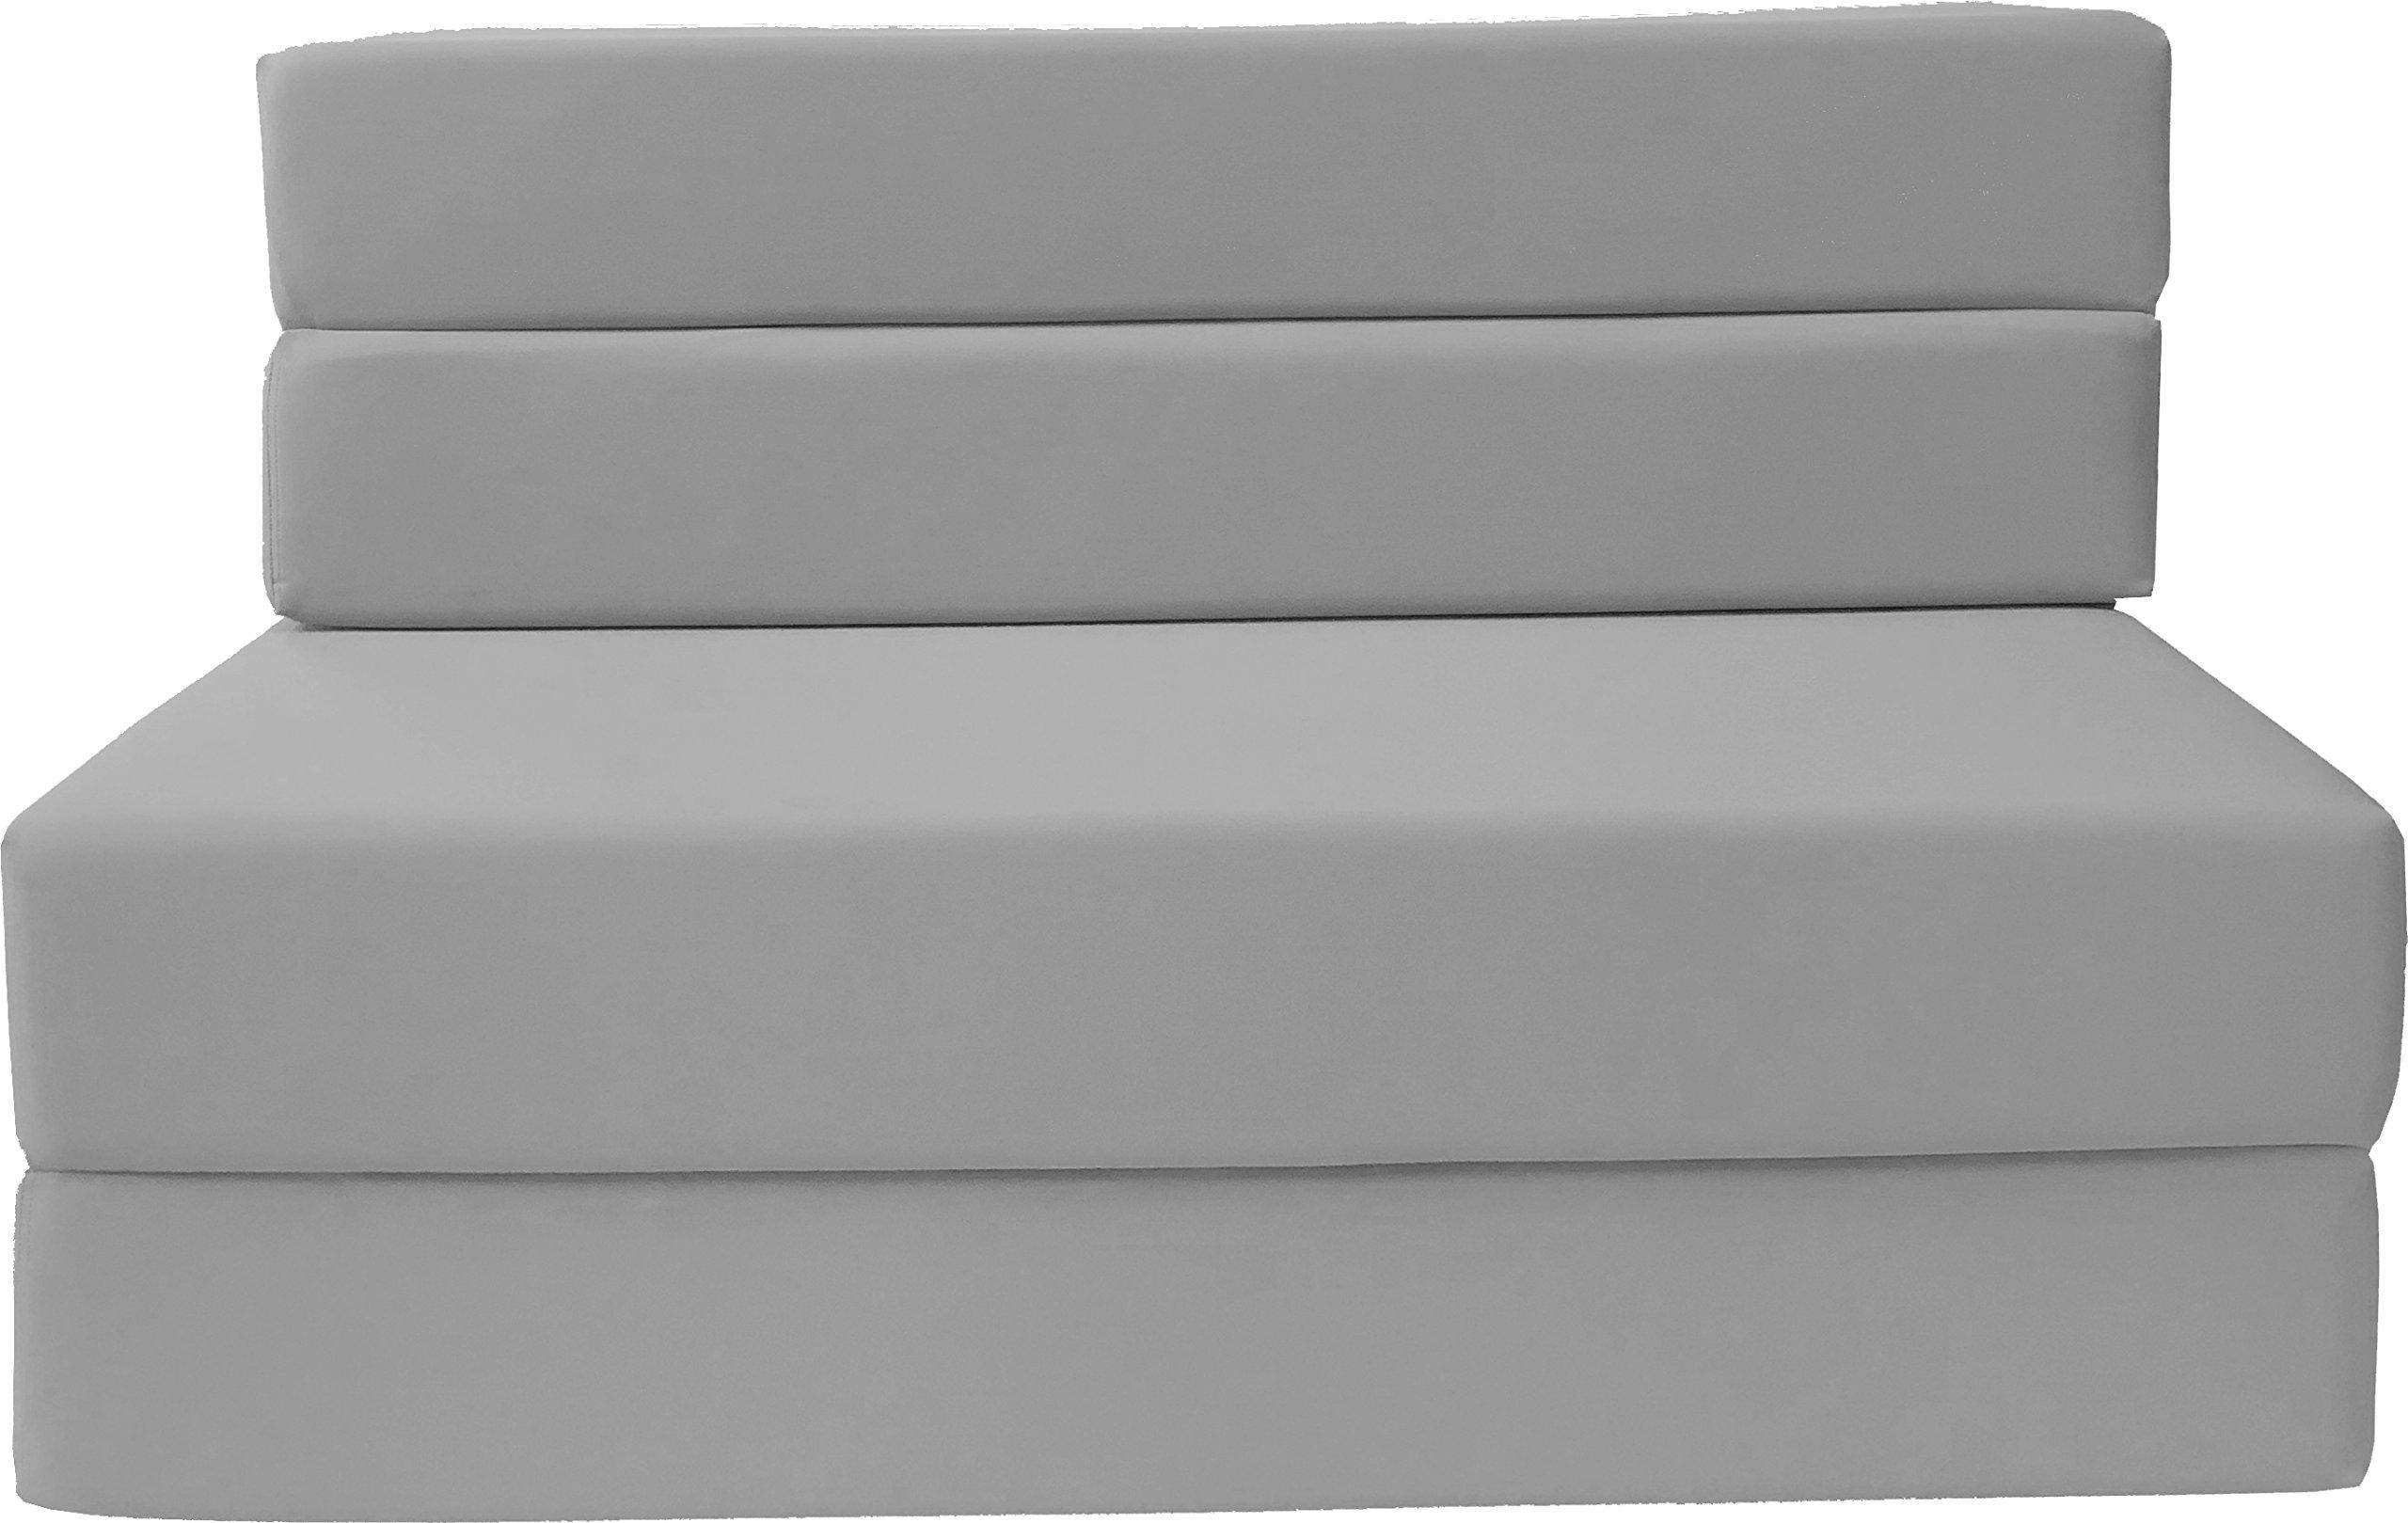 D&D Futon Furniture Folding Foam Mattress, Sofa Chair Bed, Guest Beds (Twin Size, Gray) by D&D Futon Furniture